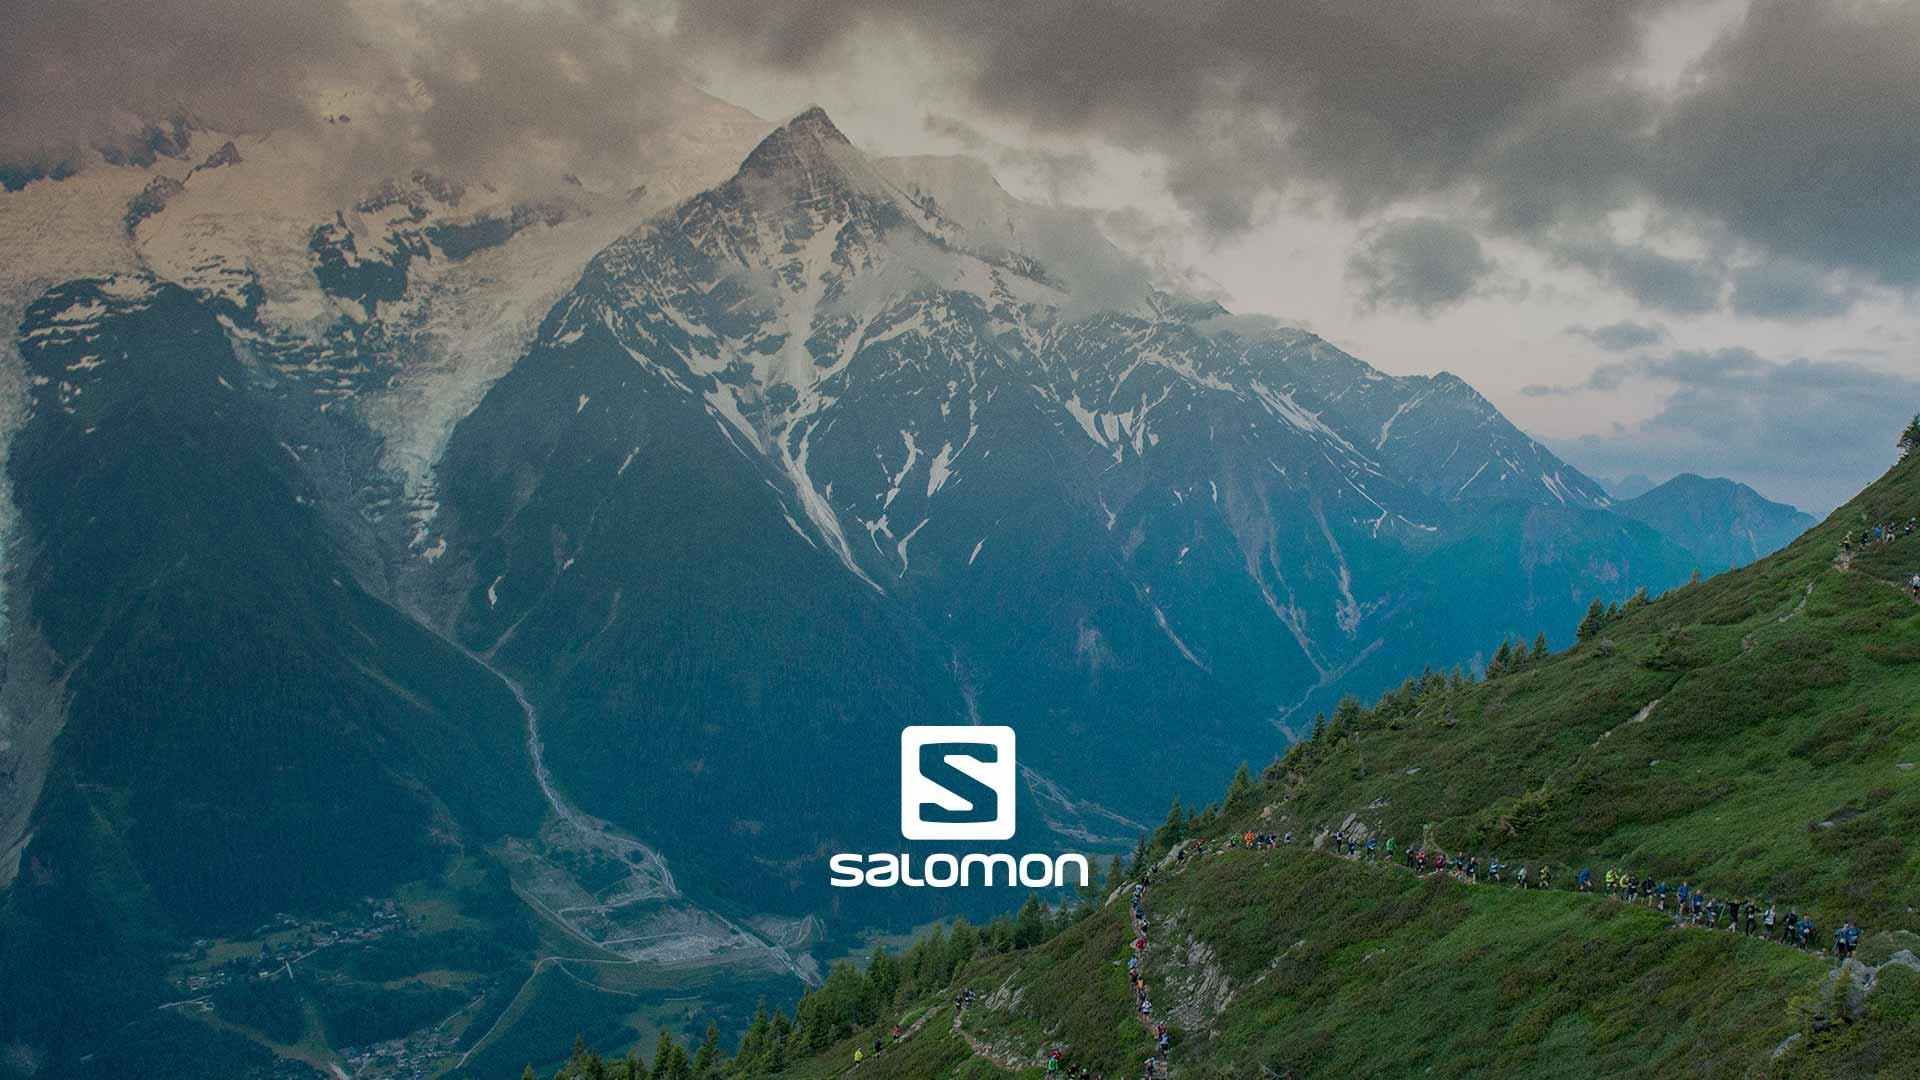 Купить Salomon в России